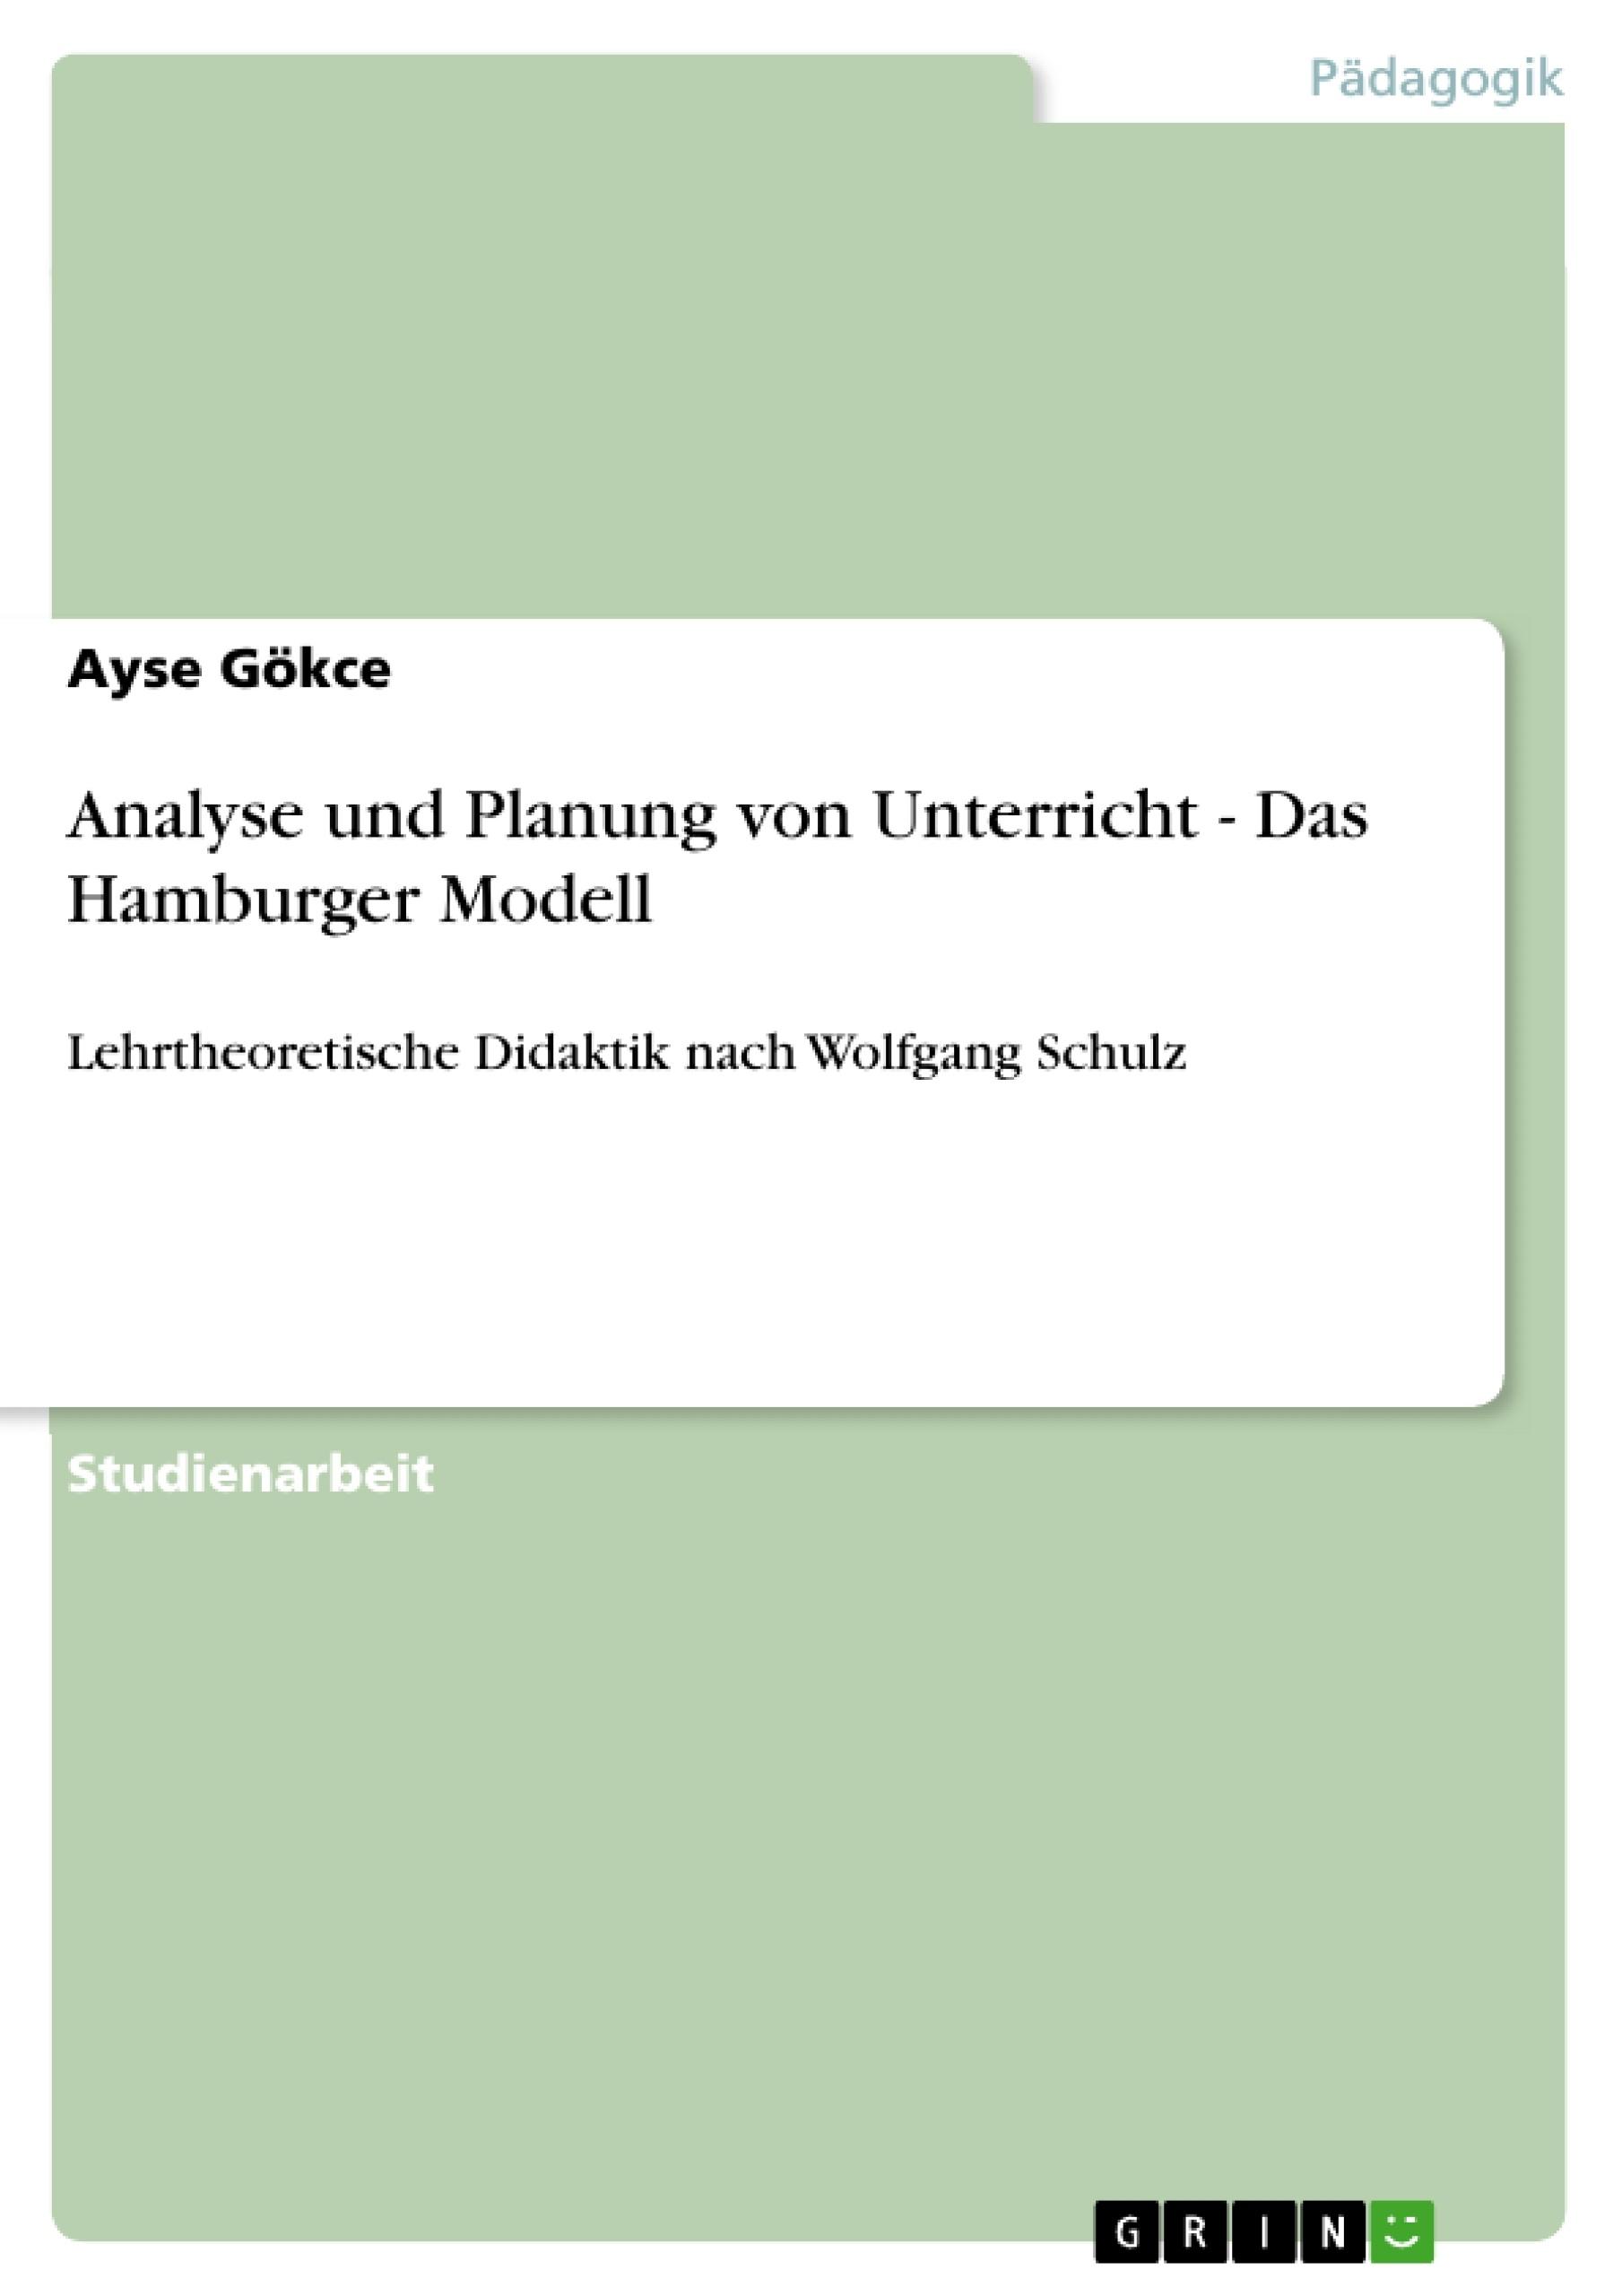 Titel: Analyse und Planung von Unterricht - Das Hamburger Modell